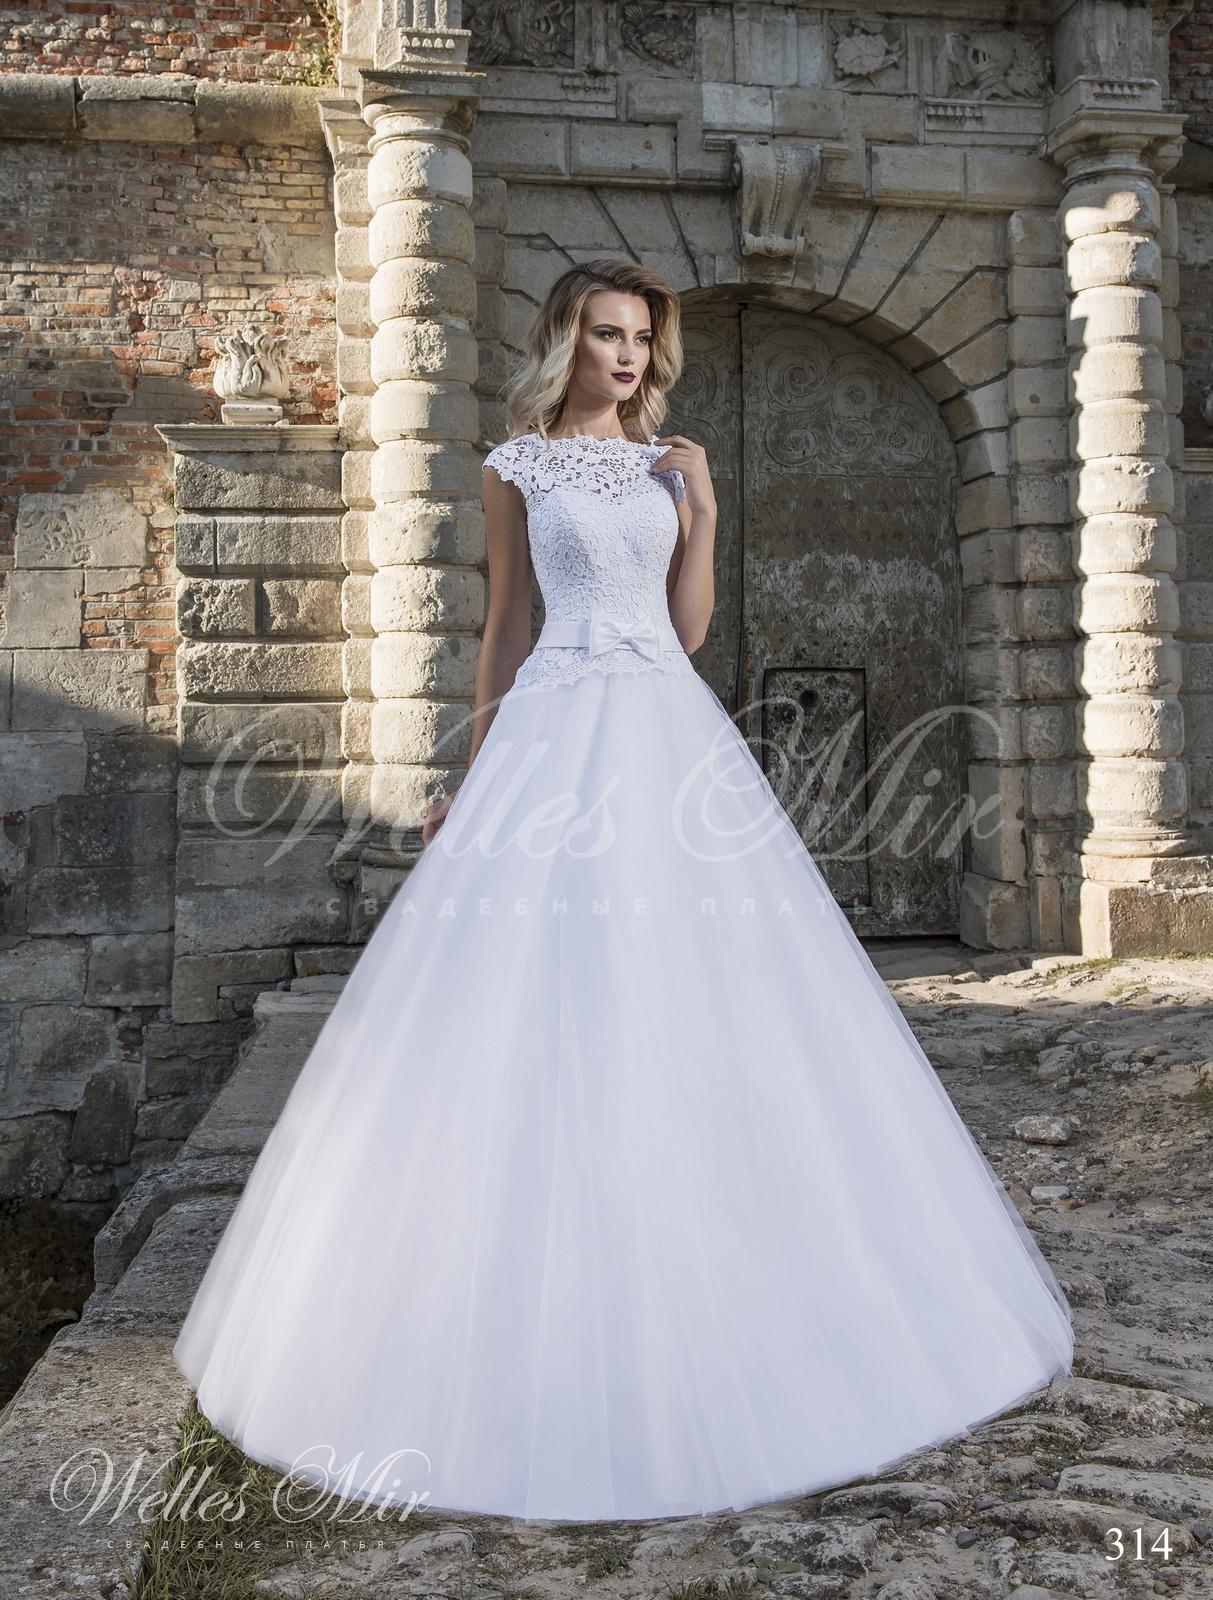 Свадебные платья Exquisite Collection - 314